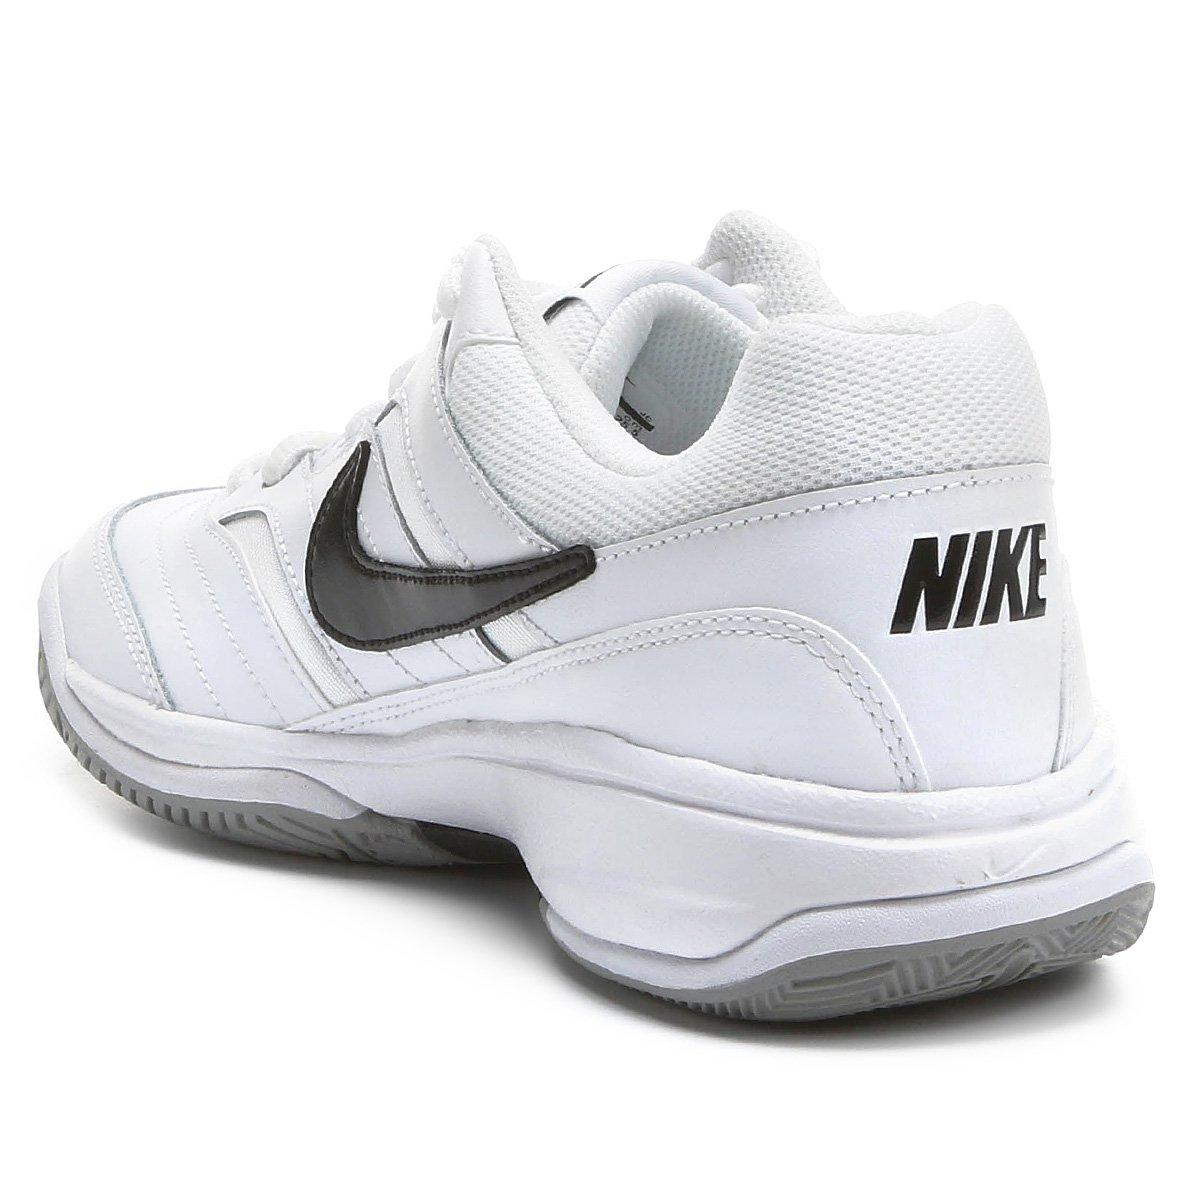 Tênis Nike Court Lite Masculino - Branco e Preto - Compre Agora ... 447baf9307c3a